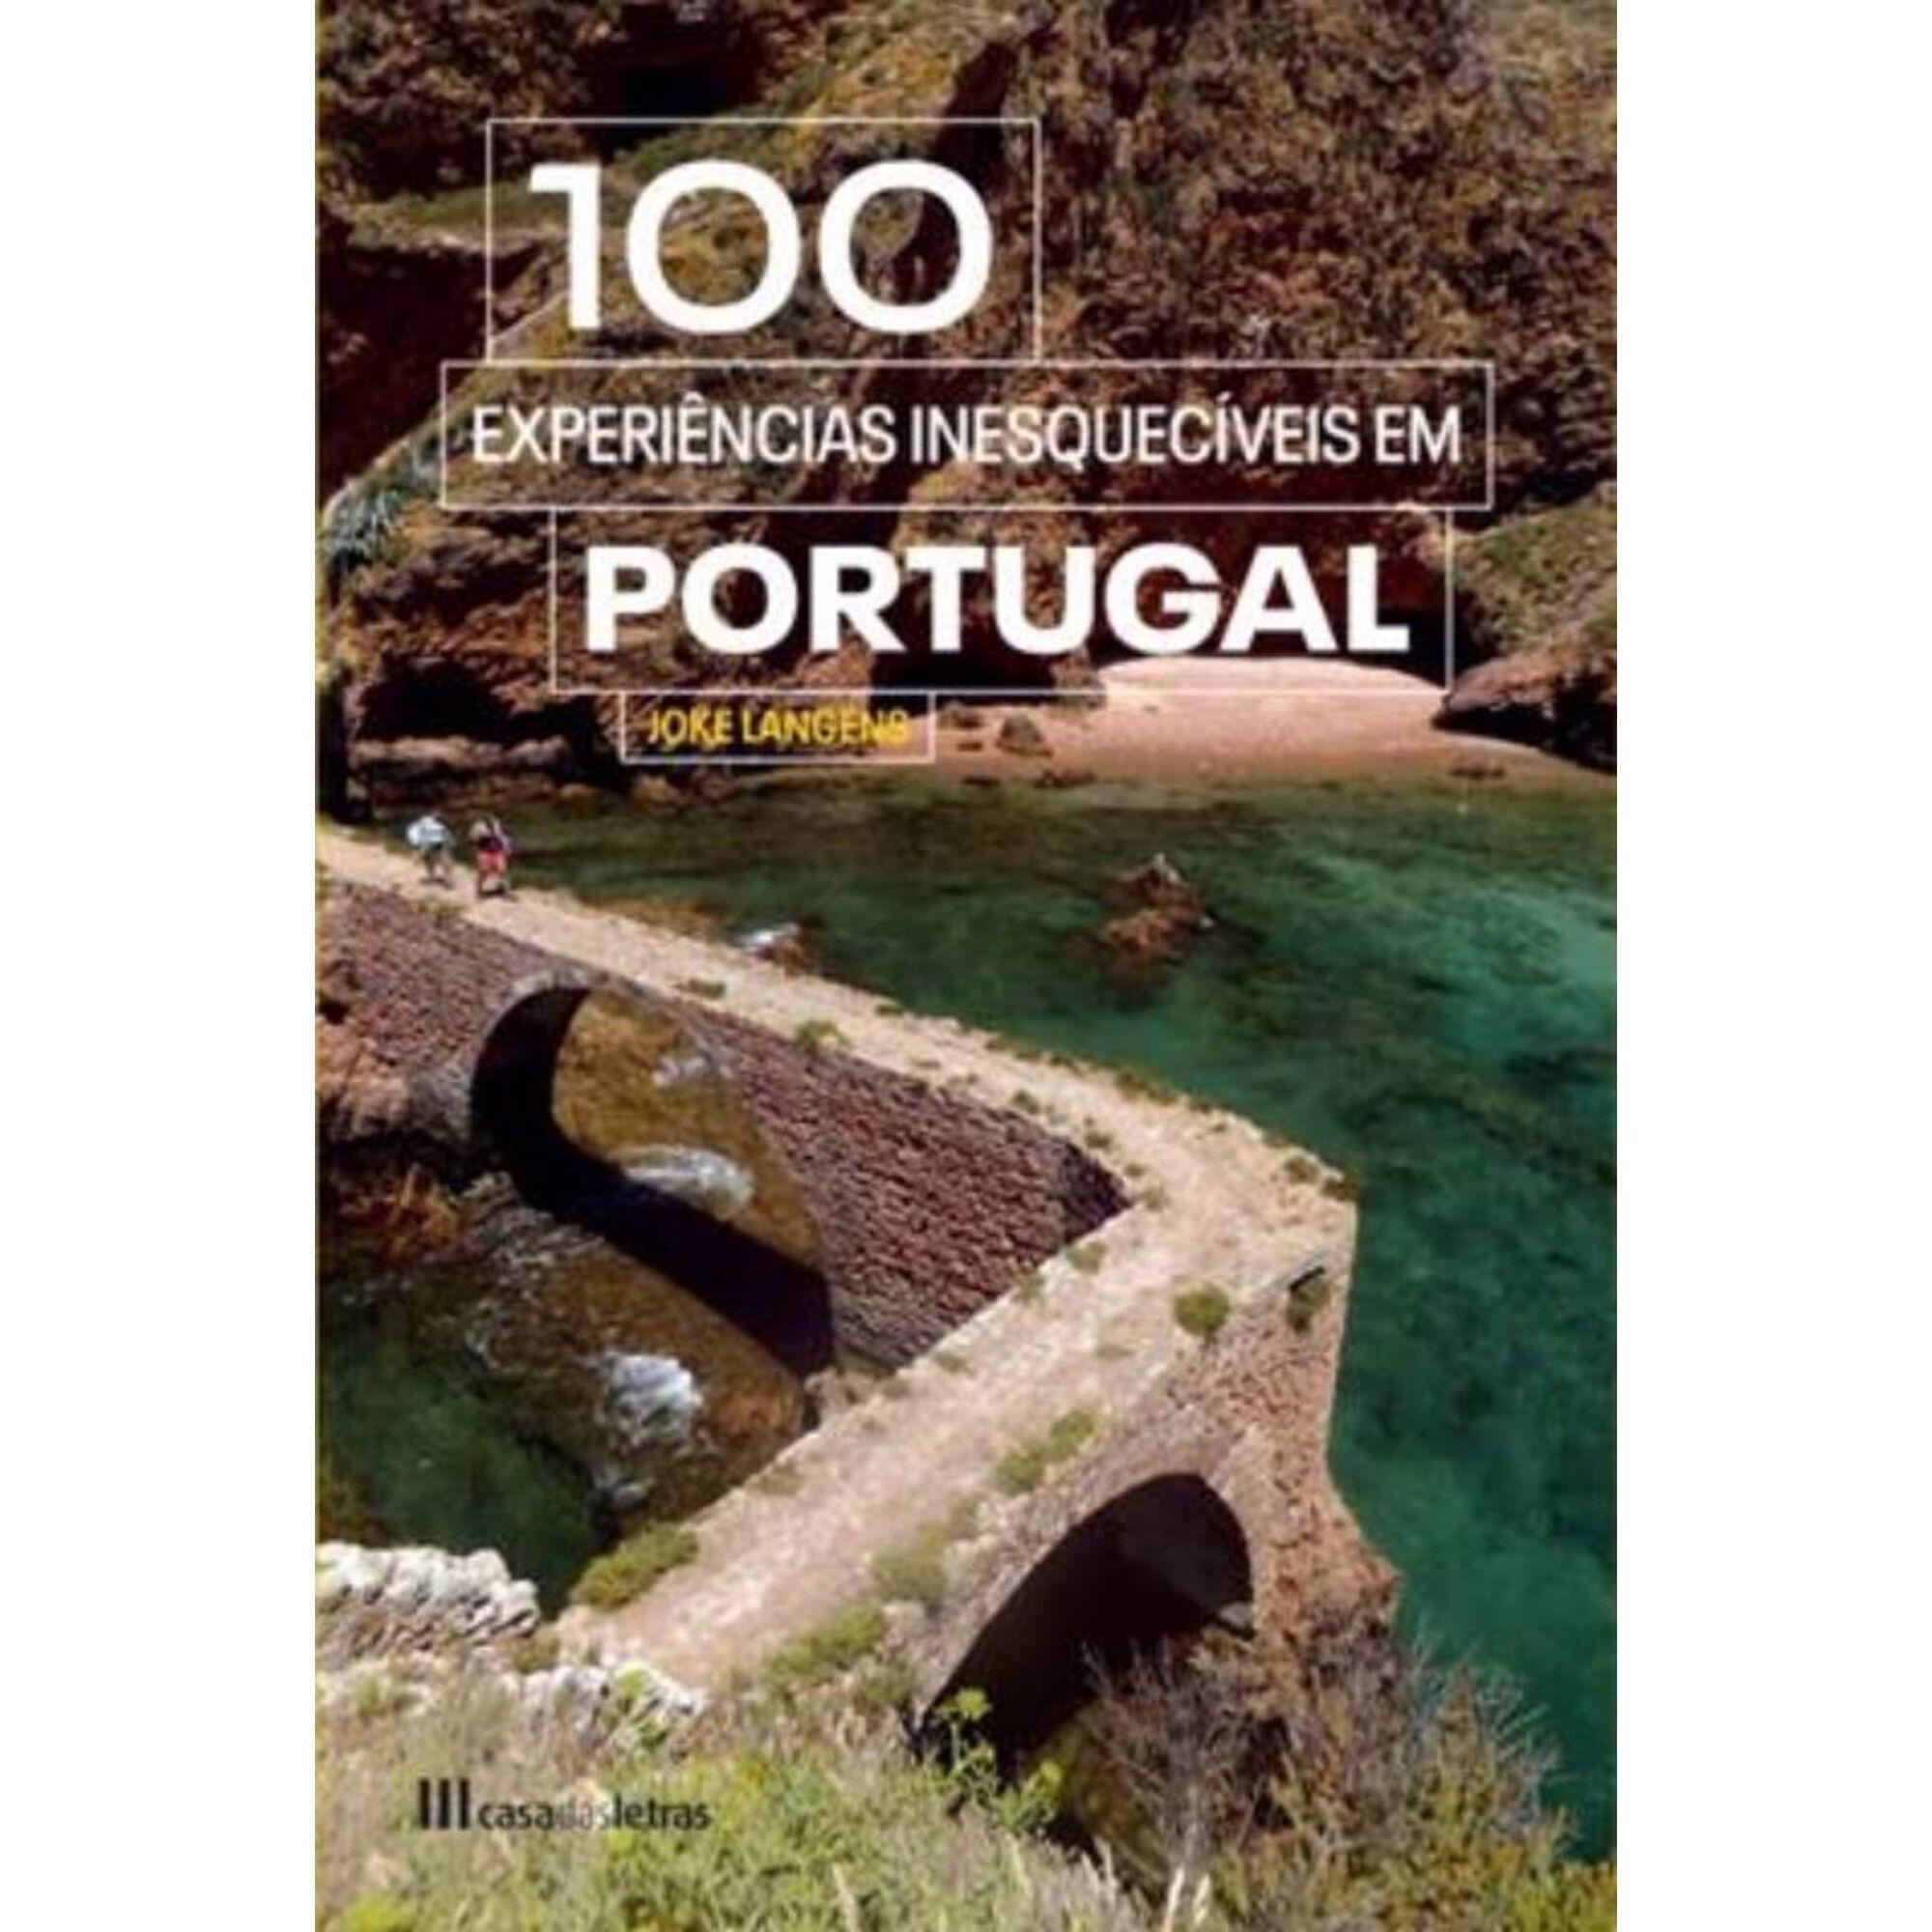 100 Experiências Inesquecíveis em Portugal